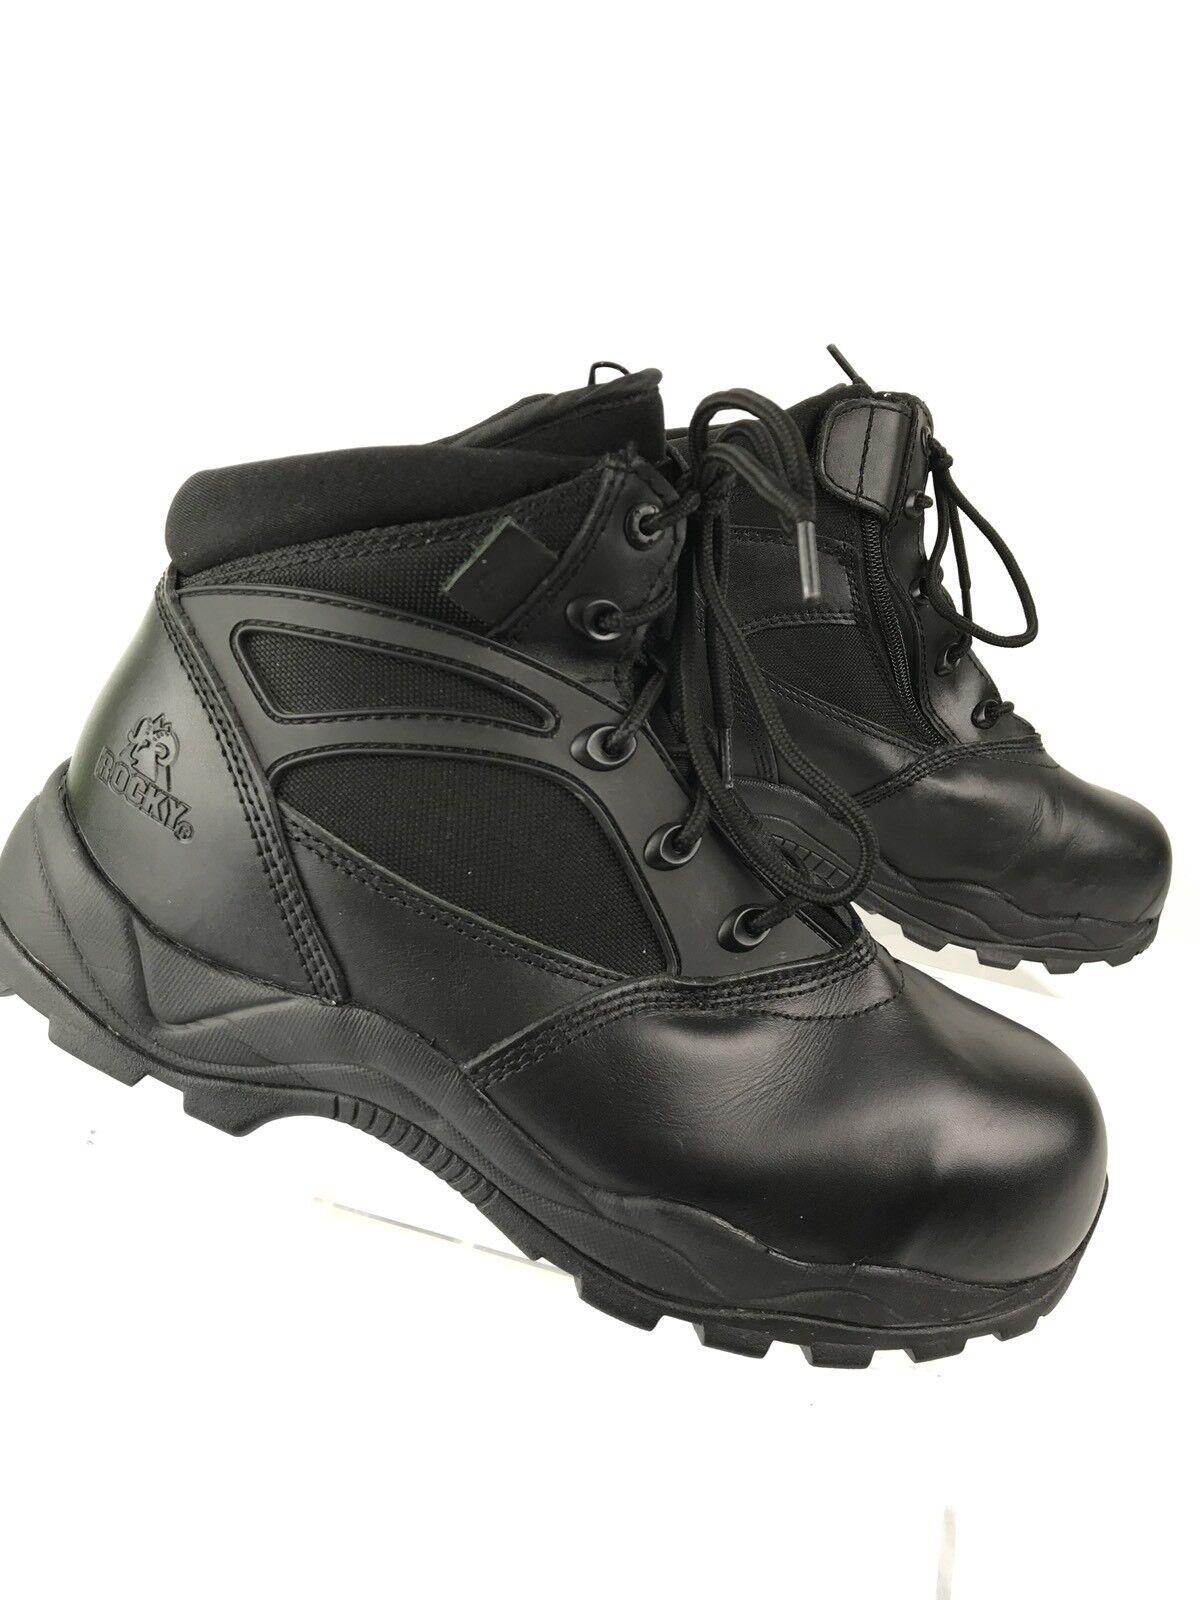 Rocky Rocky Rocky 1032 street smart stivali neri dimensioni 9.5 eccellente per il lavoro. 2c361a